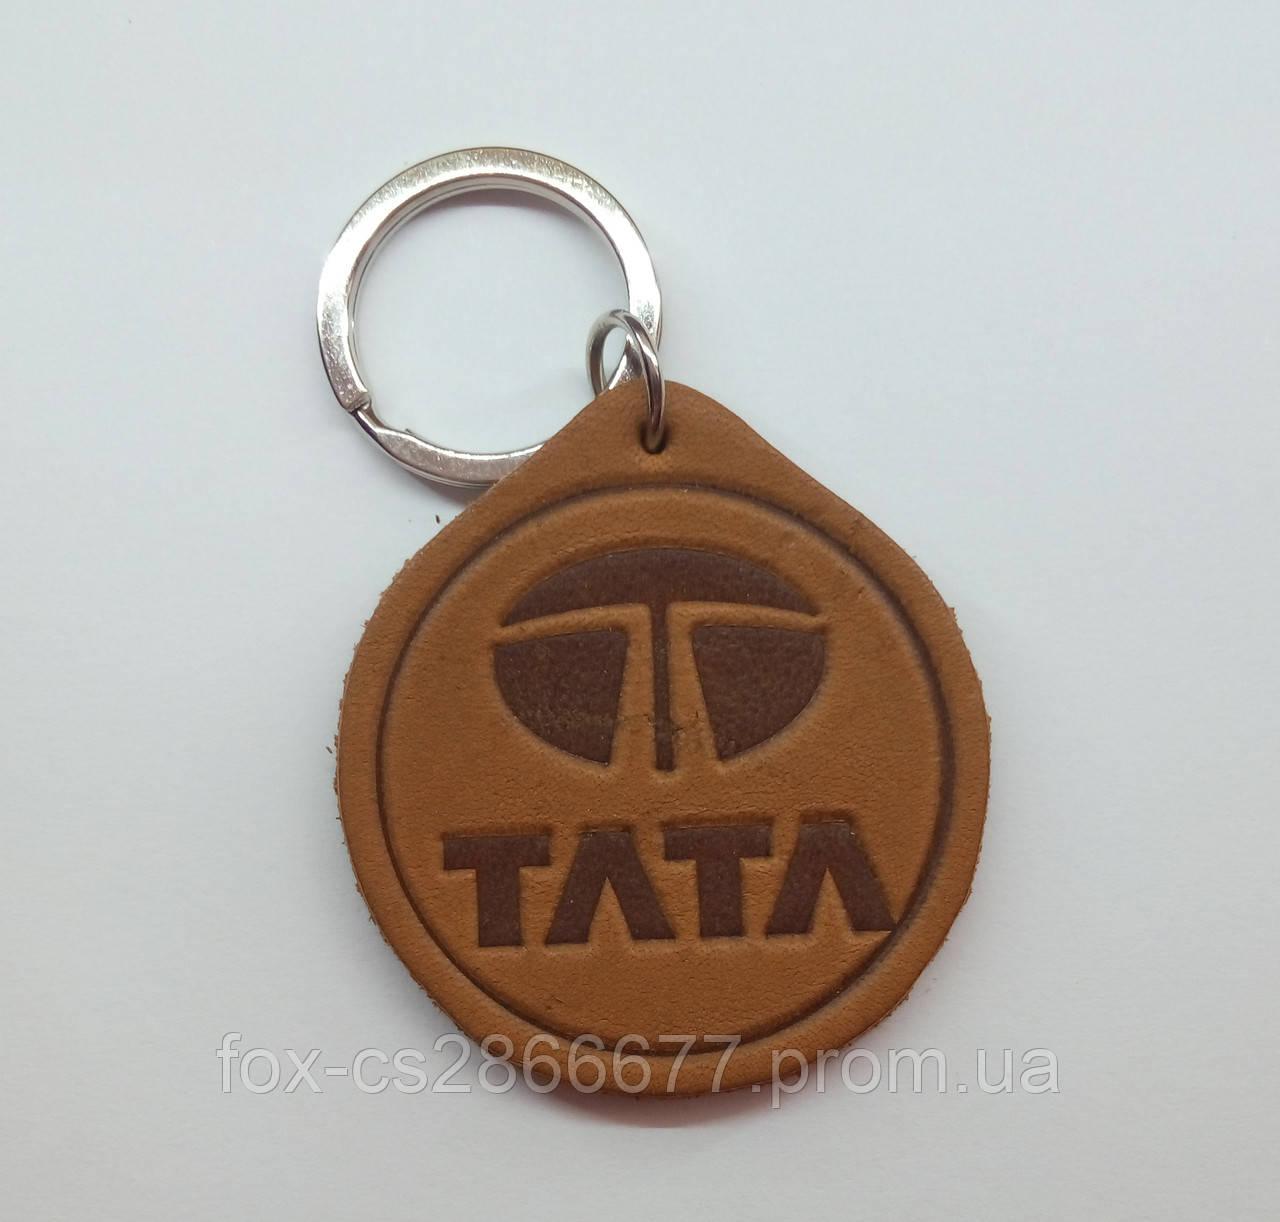 Кожаный брелок / Марки авто / ТАТА